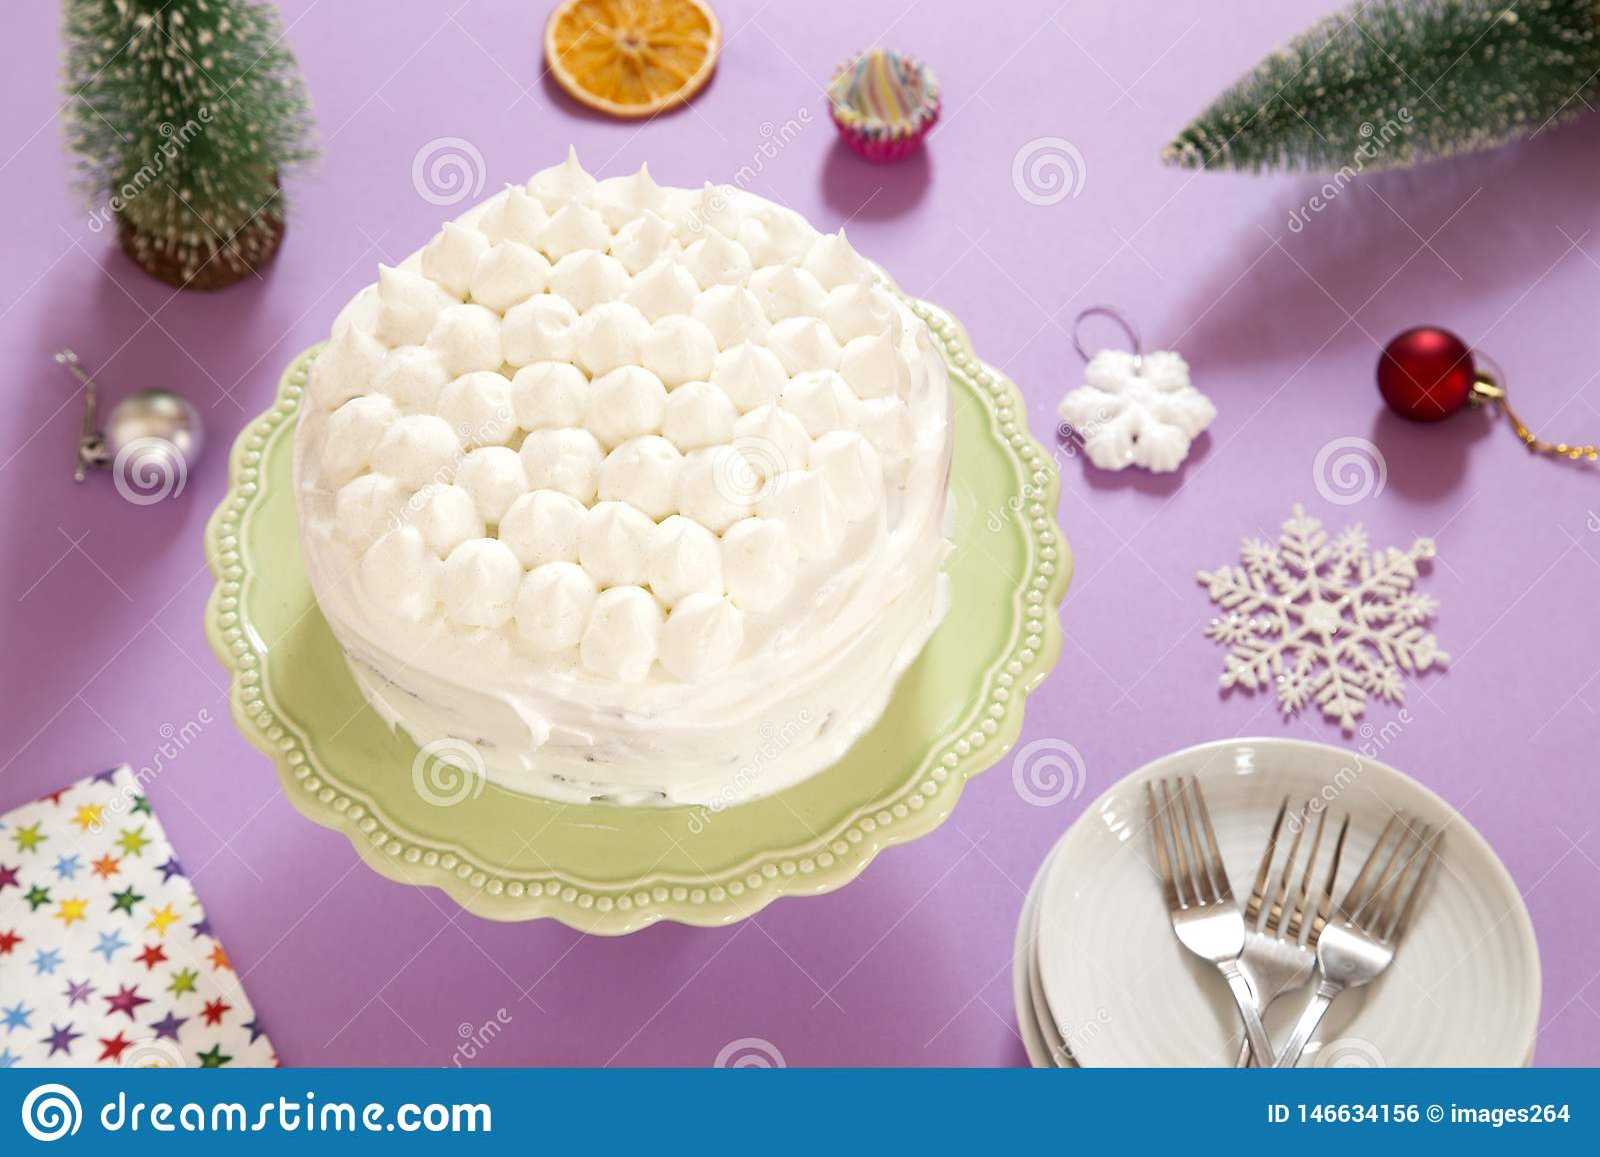 Torte met room